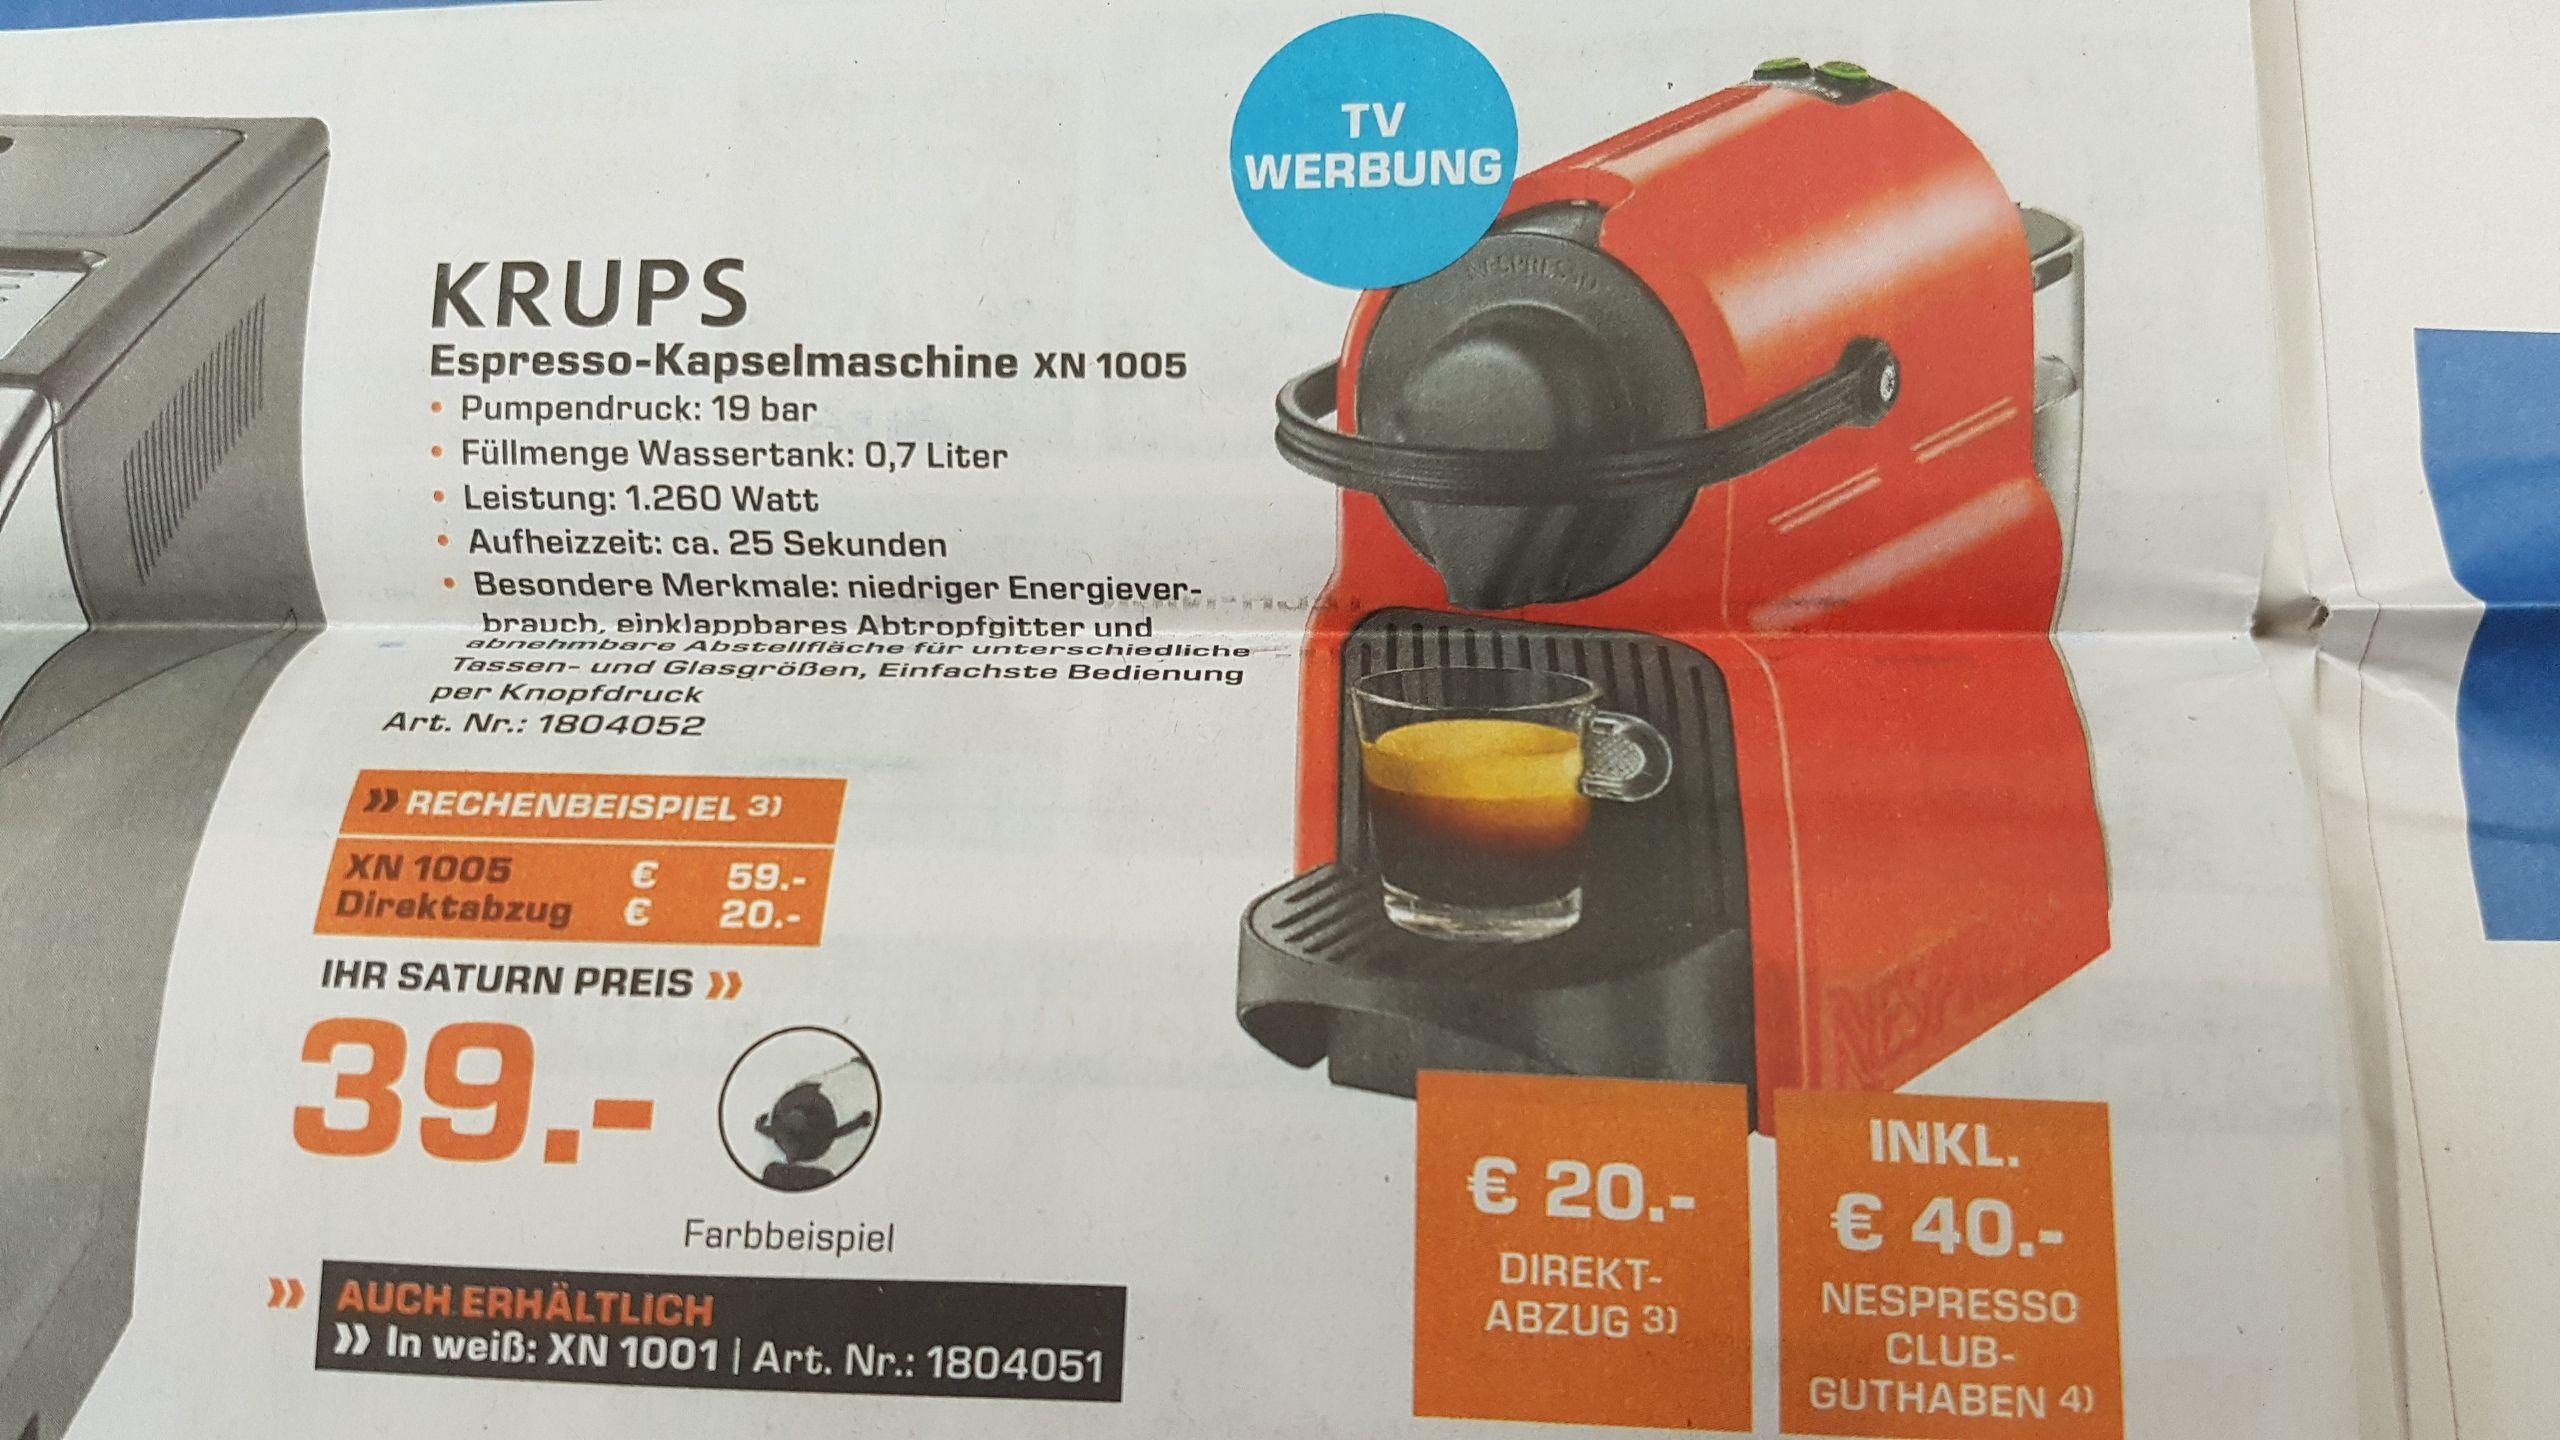 LOKAL: Oberhausen - Krups Nespresso - INISSIA 39,00€ dazu gibt es einen 40€ Nespresso Gutschein